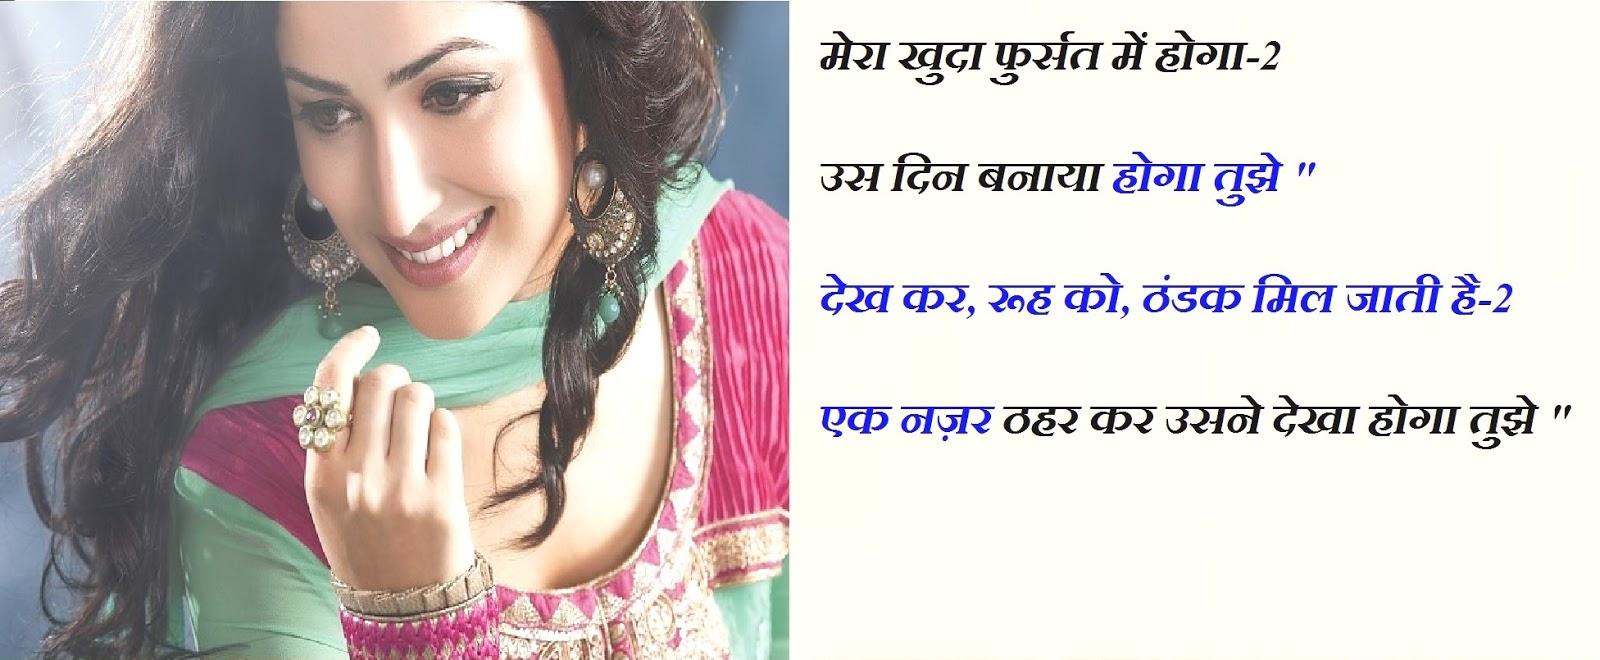 love status, romantic status, romantic shayari hindi, romantic shayari hindi mai, romantic shayari for boyfriend, 2 line romantic shayari in hindi, whatsapp status video romantic, whatsapp status video download, romantic shayari on love in hindi, मेरा खुदा फुर्सत में होगा-2-उस दिन बनाया होगा तुझे-देख कर-रूह को, ठंडक मिल जाती है-2-एक नज़र ठहर कर उसने देखा होगा तुझे